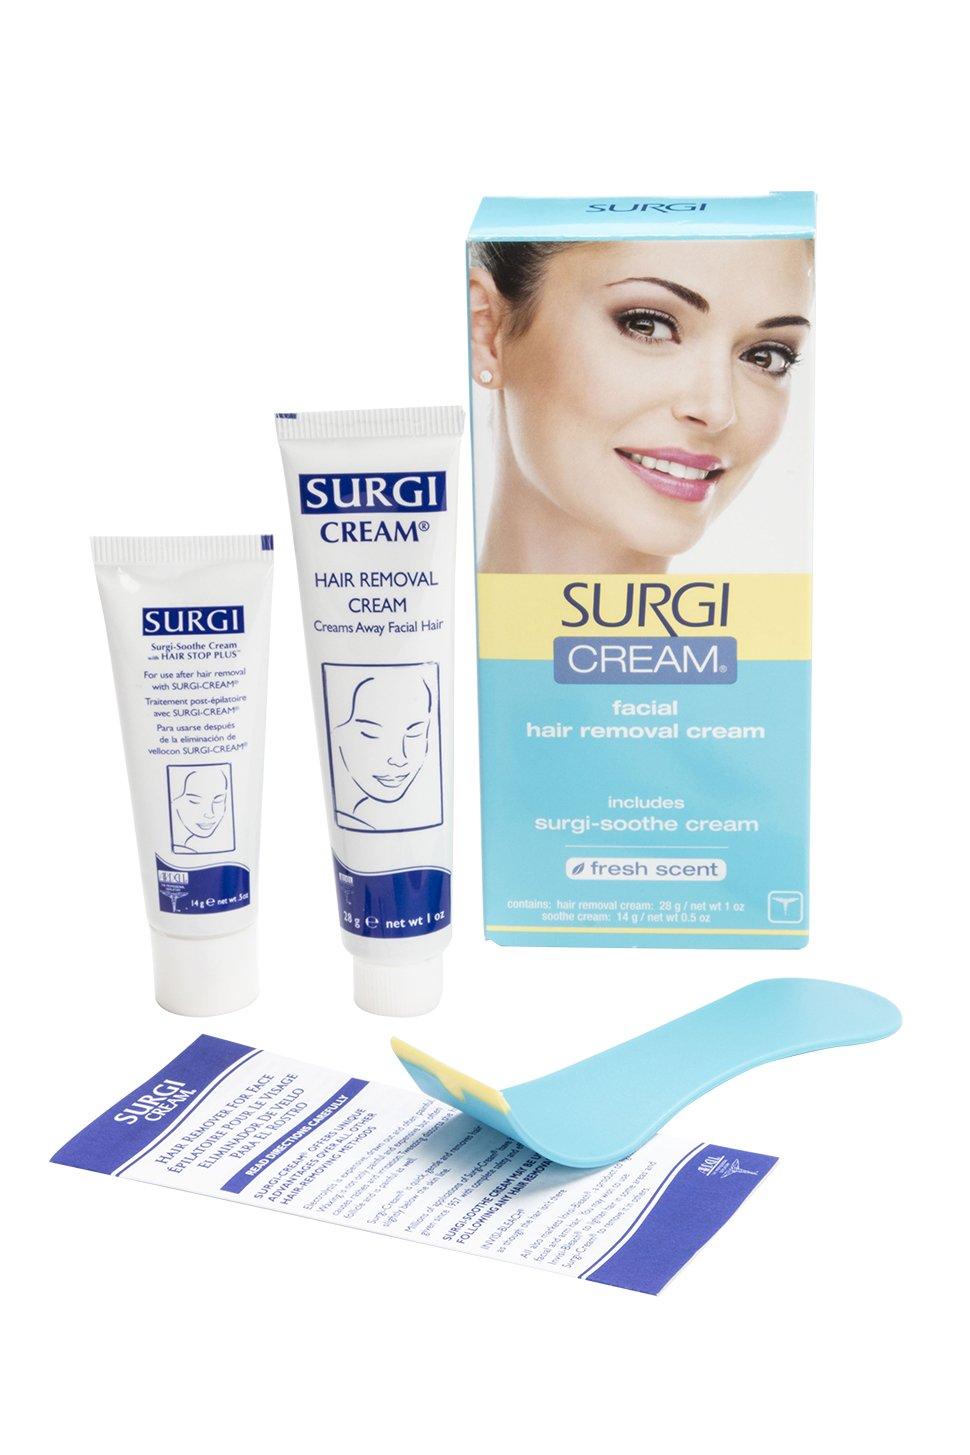 Surgi facial hair